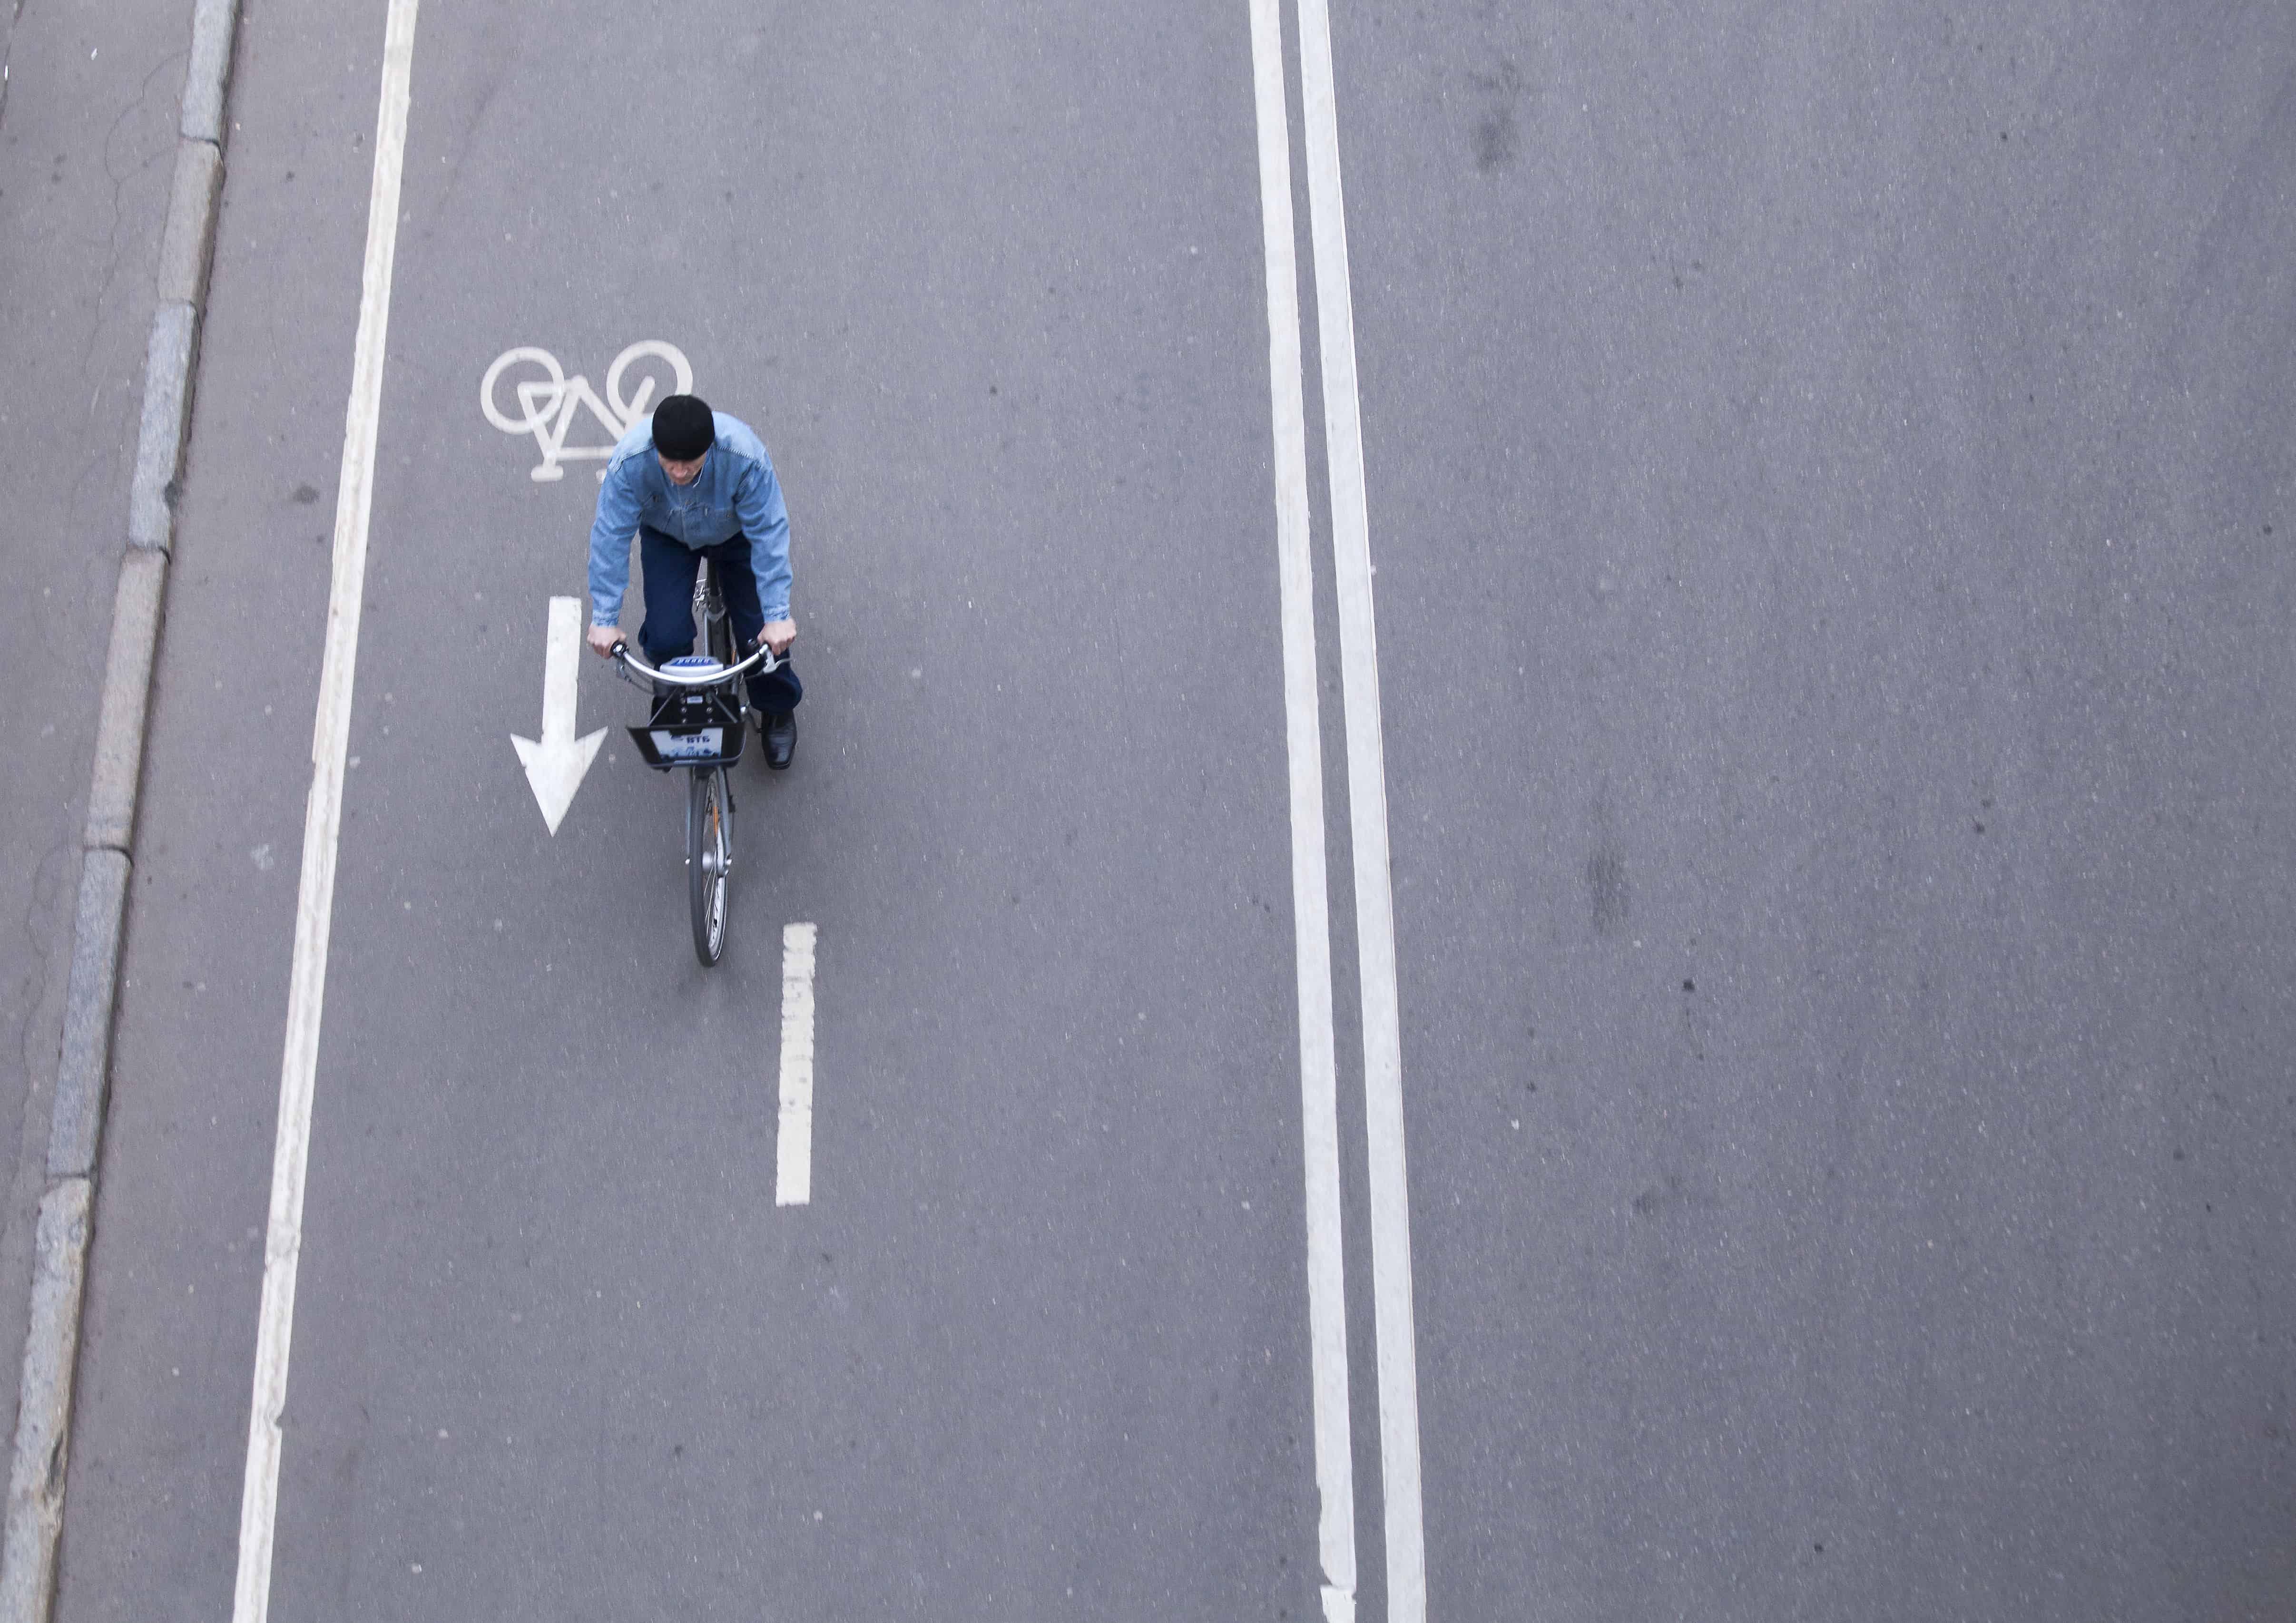 Photo of Ночной велопарад пройдёт в столице 8 июля Ночной велопарад пройдёт в столице 8 июля Ночной велопарад пройдёт в столице 8 июля